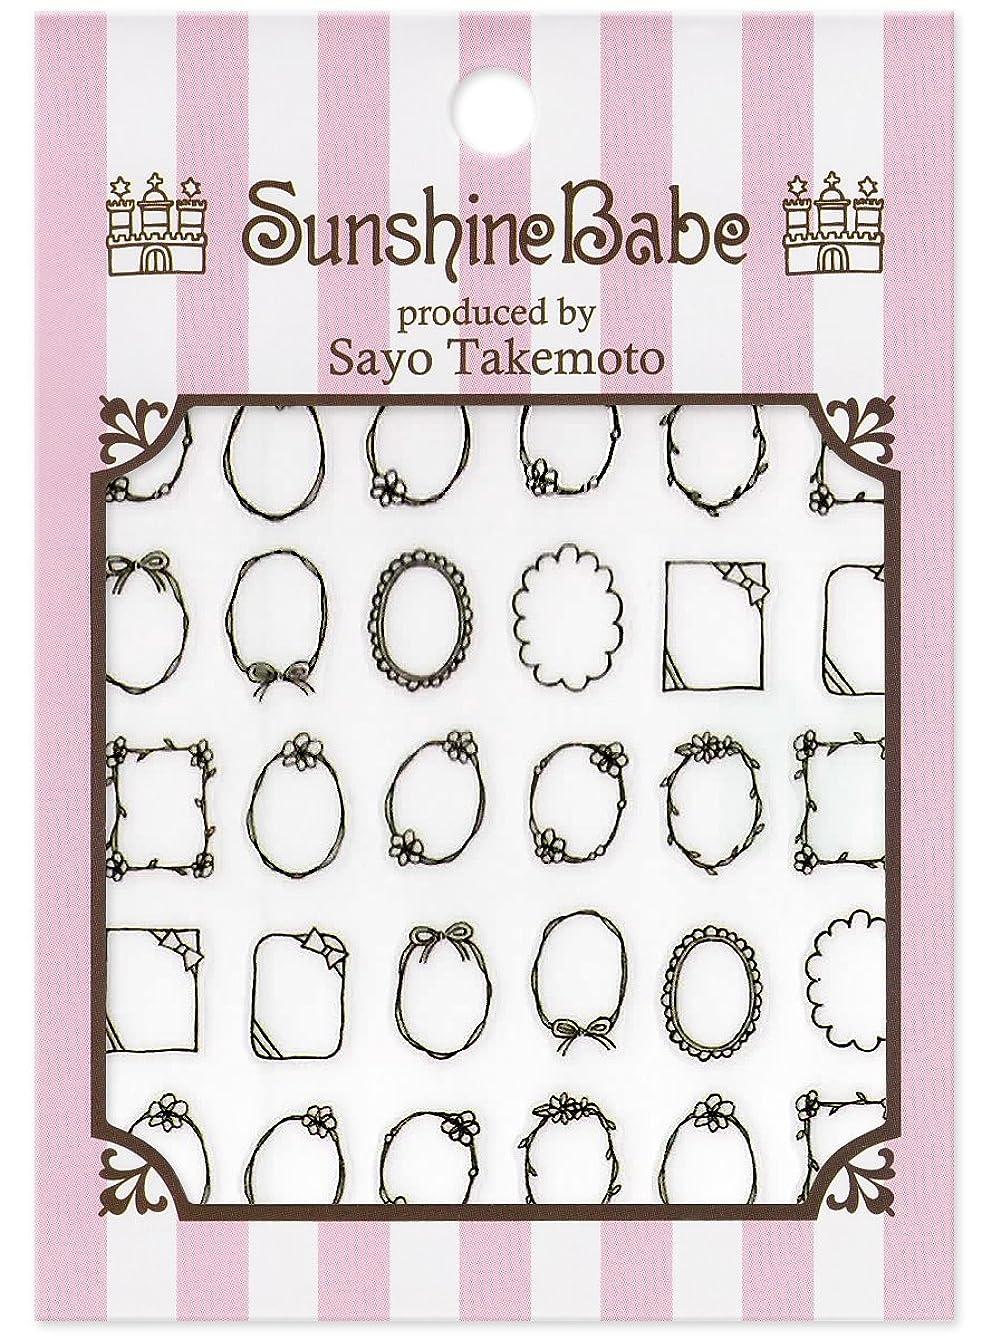 ピケ羊障害者サンシャインベビー ネイルシール 武本小夜の Sayo Style 手描きフレーム(ブラック)